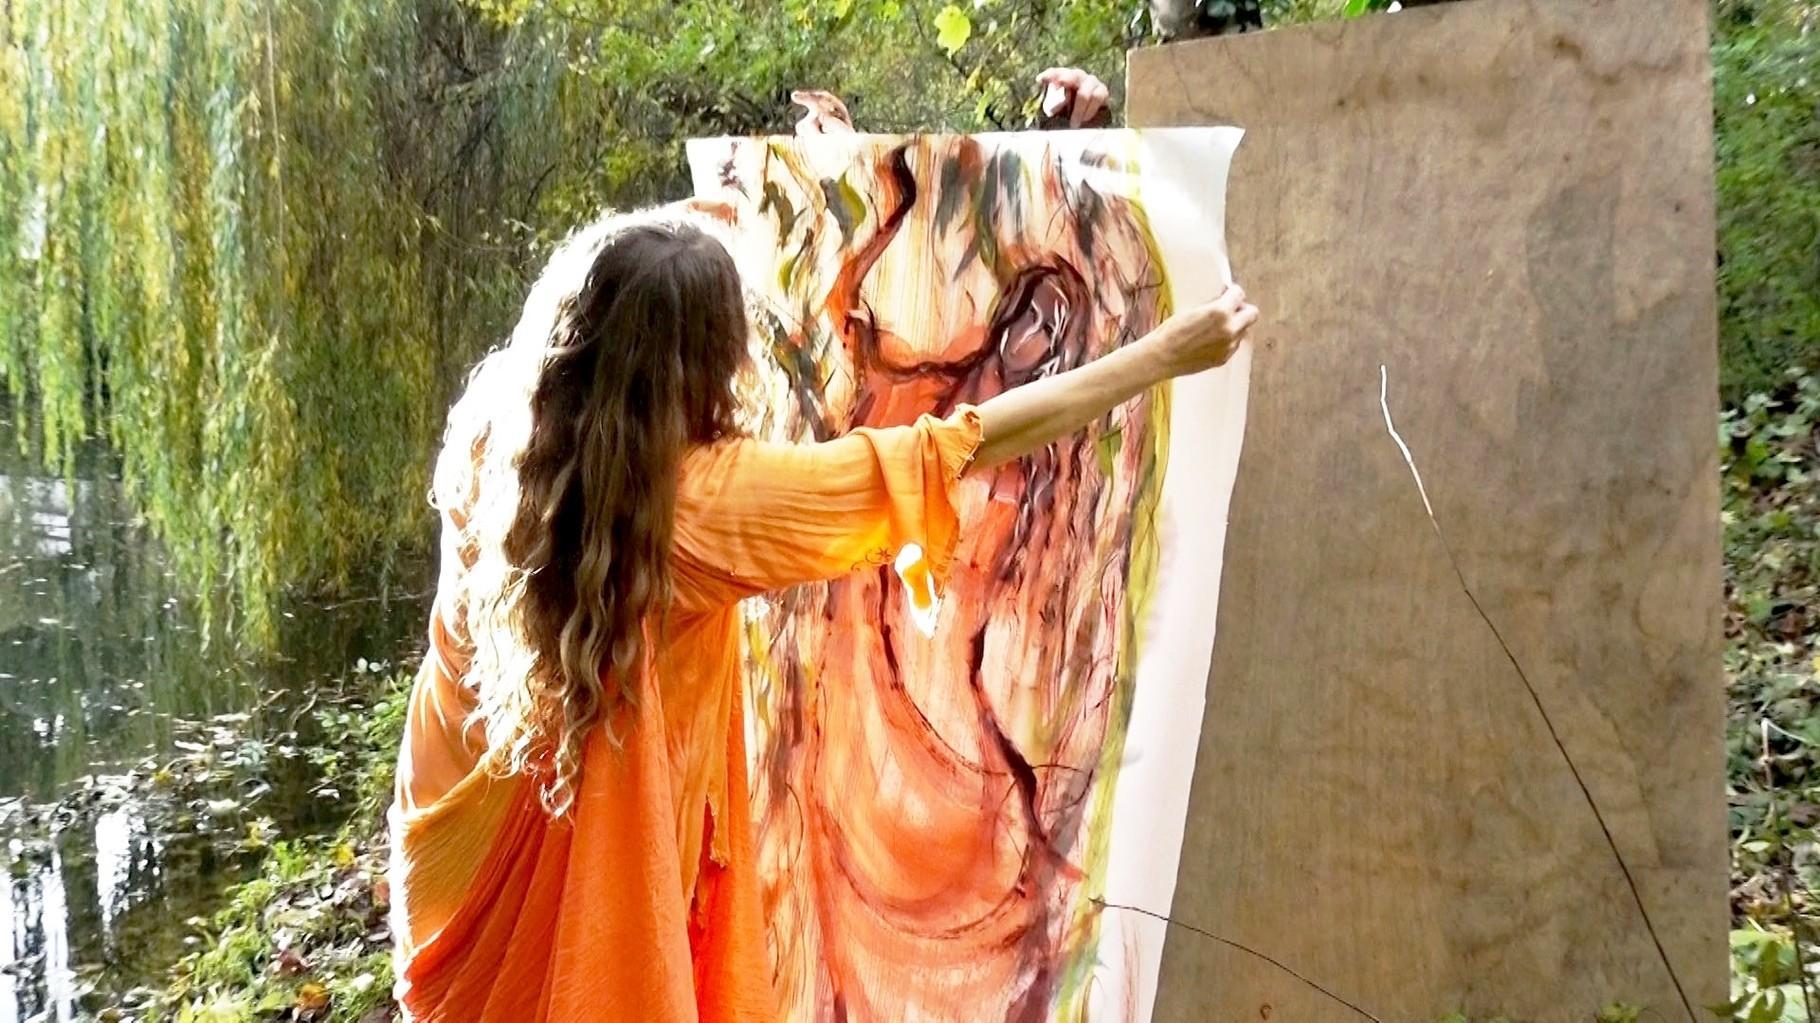 drachin von terra, peinture de micheline reboulleau_photo zed terra 11/11/2014